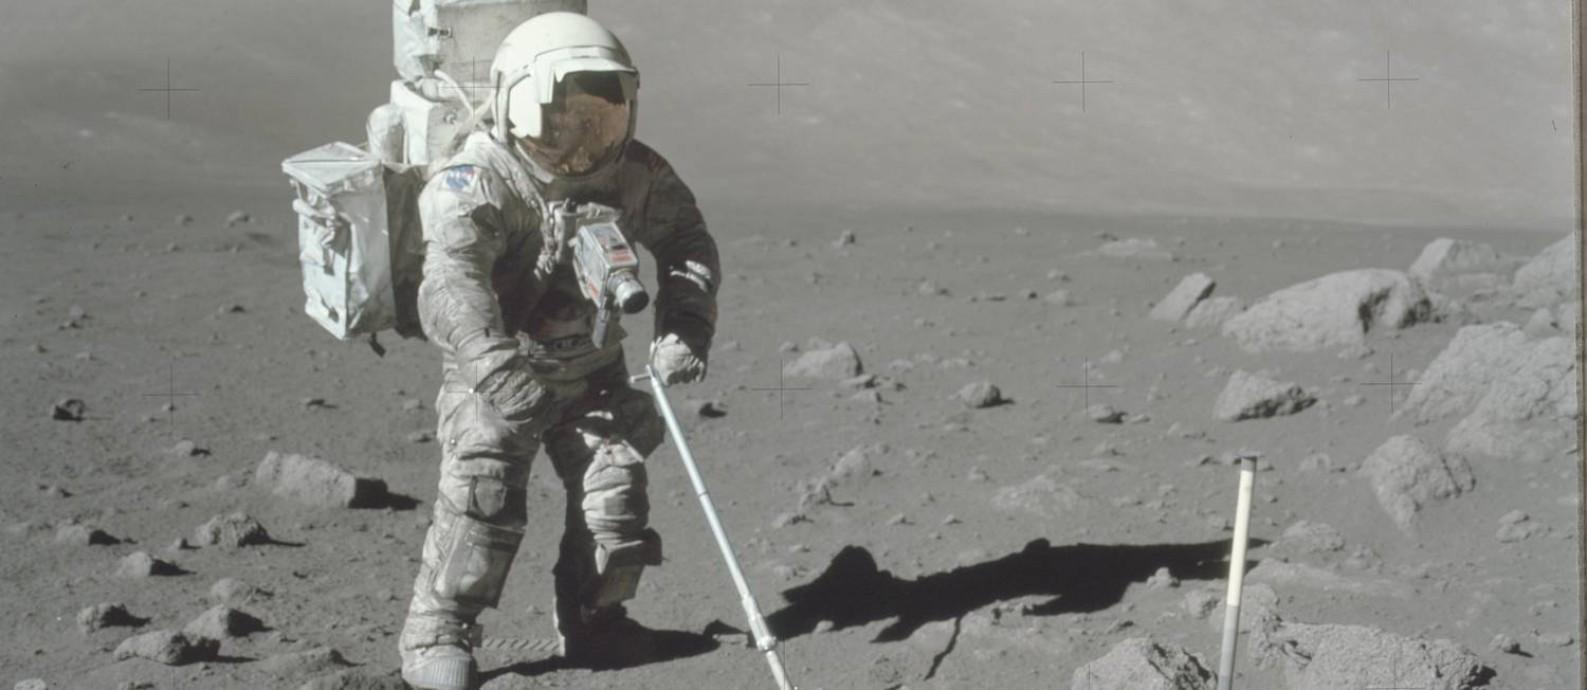 Seleção cuidadosa: único astronauta com formação científica do programa, o geólogo Schmitt coleta amostra durante a missão Apollo 17 Foto: Nasa